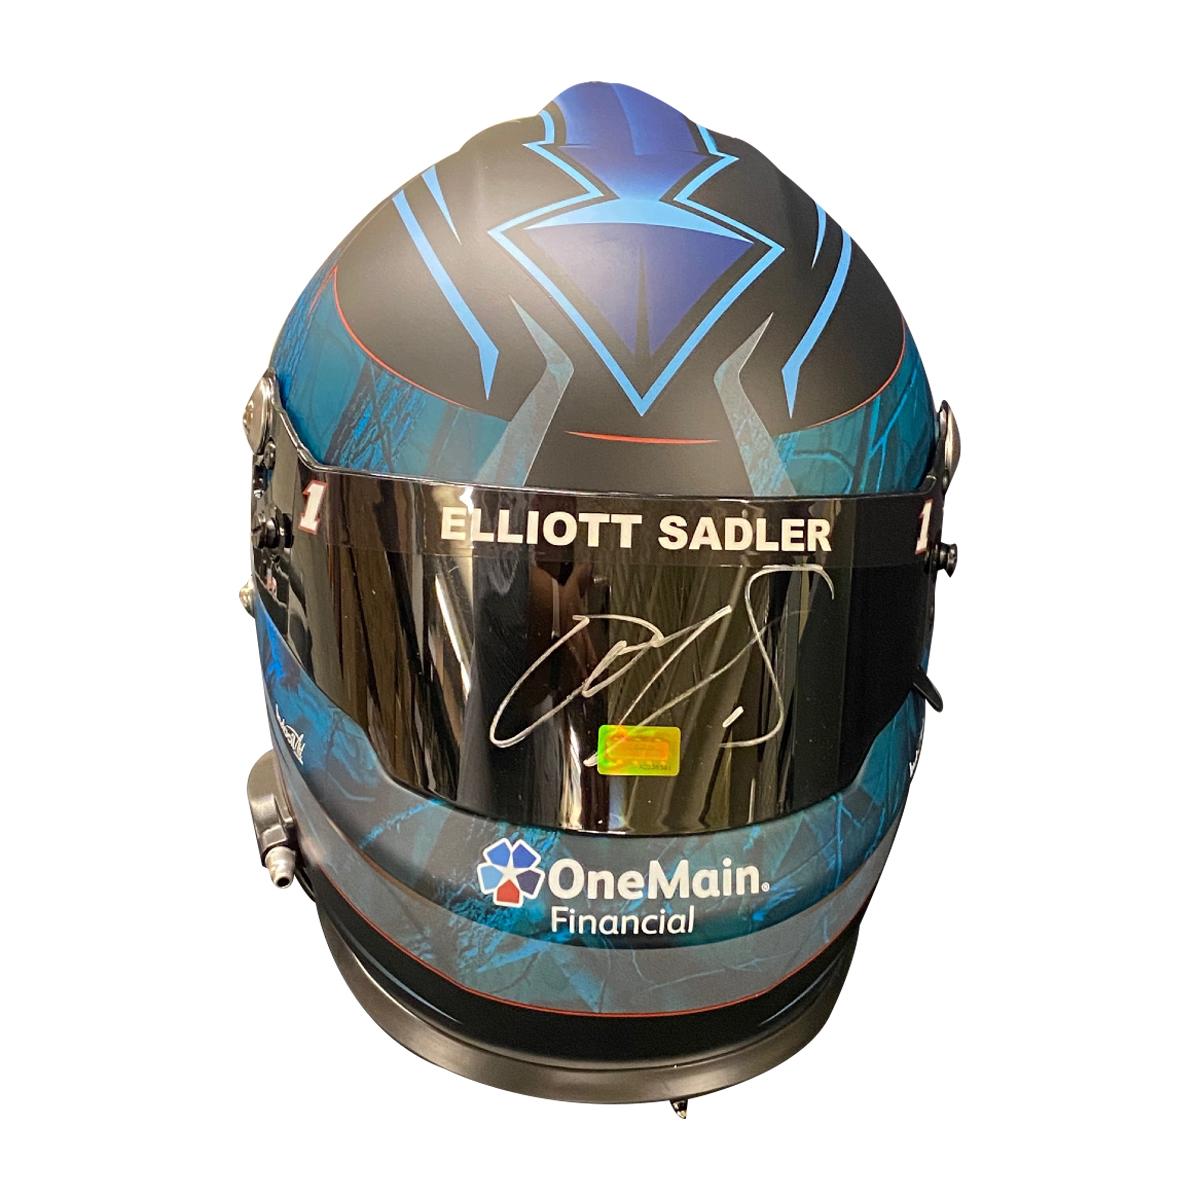 JR Motorsports #1 Replica Helmet - Elliott Sadler